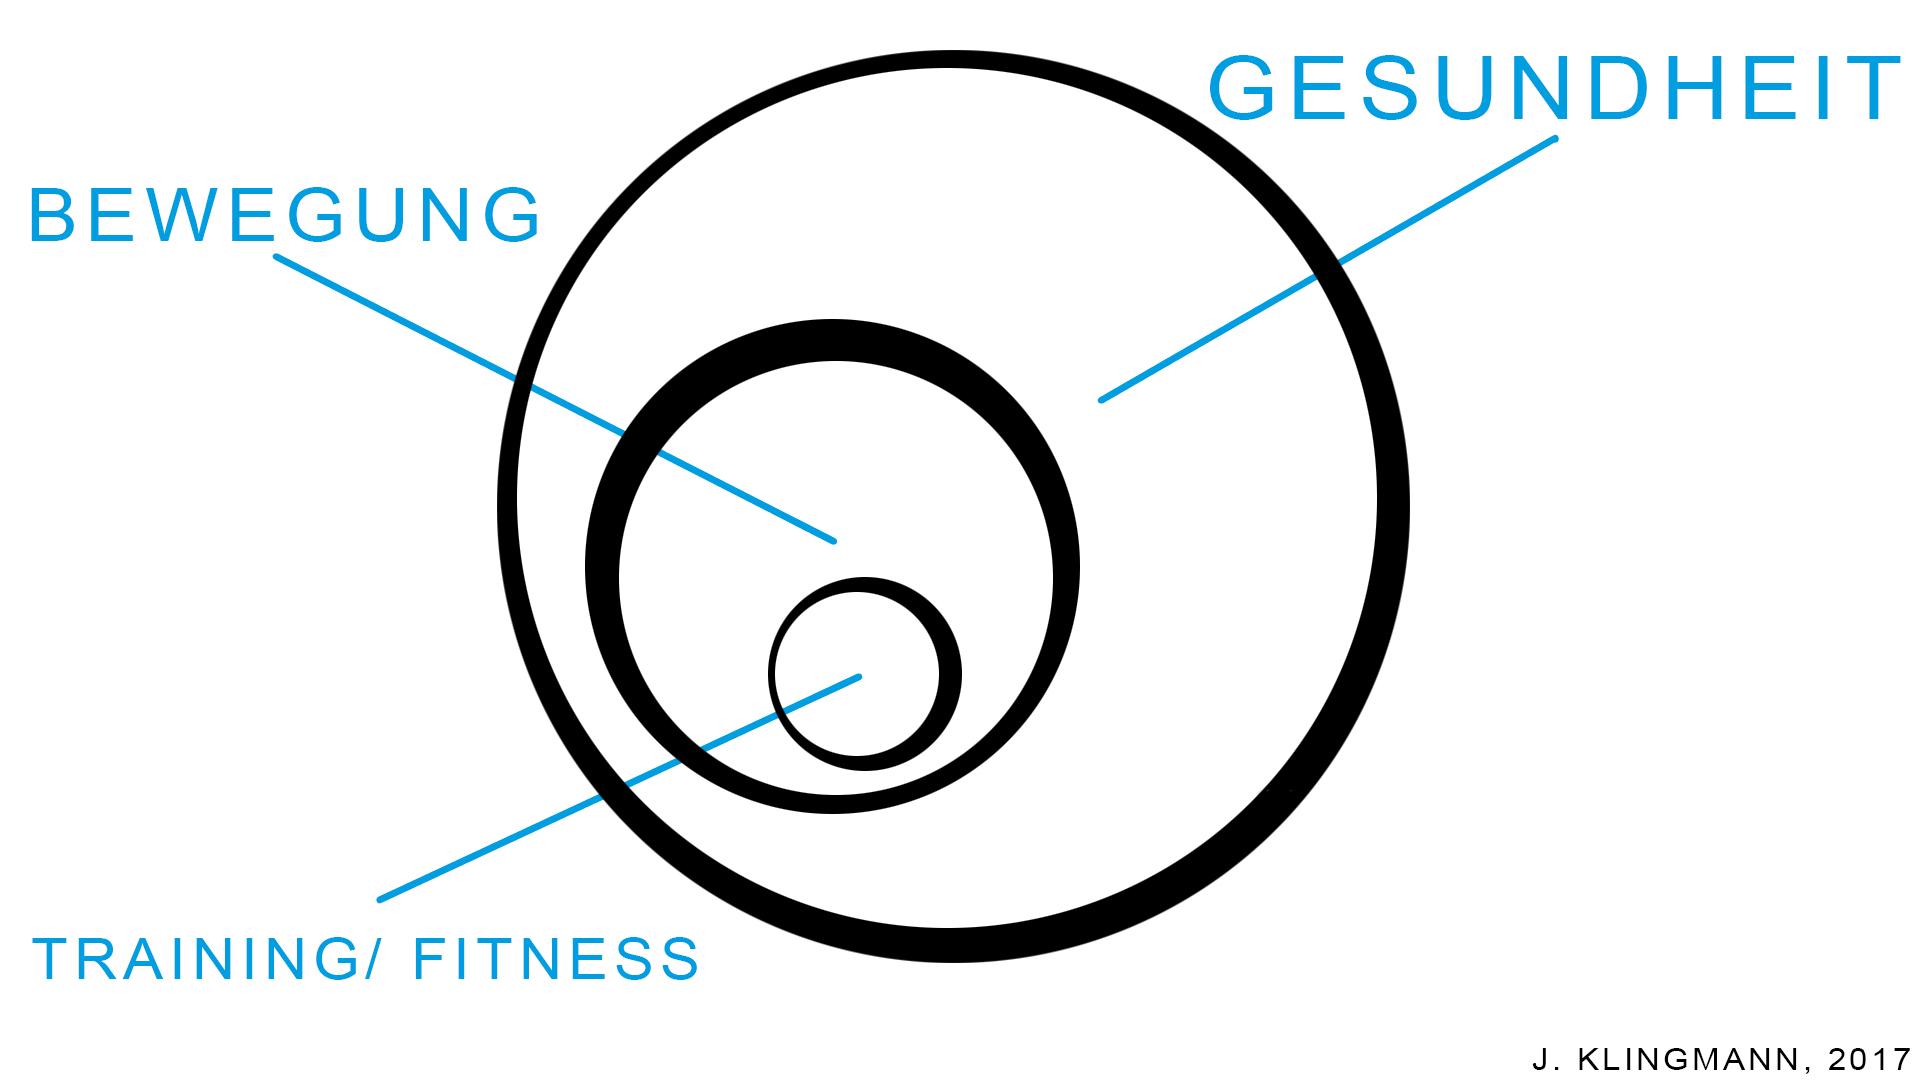 Sind Gesundheit, Bewegung und Fitness das Gleiche?